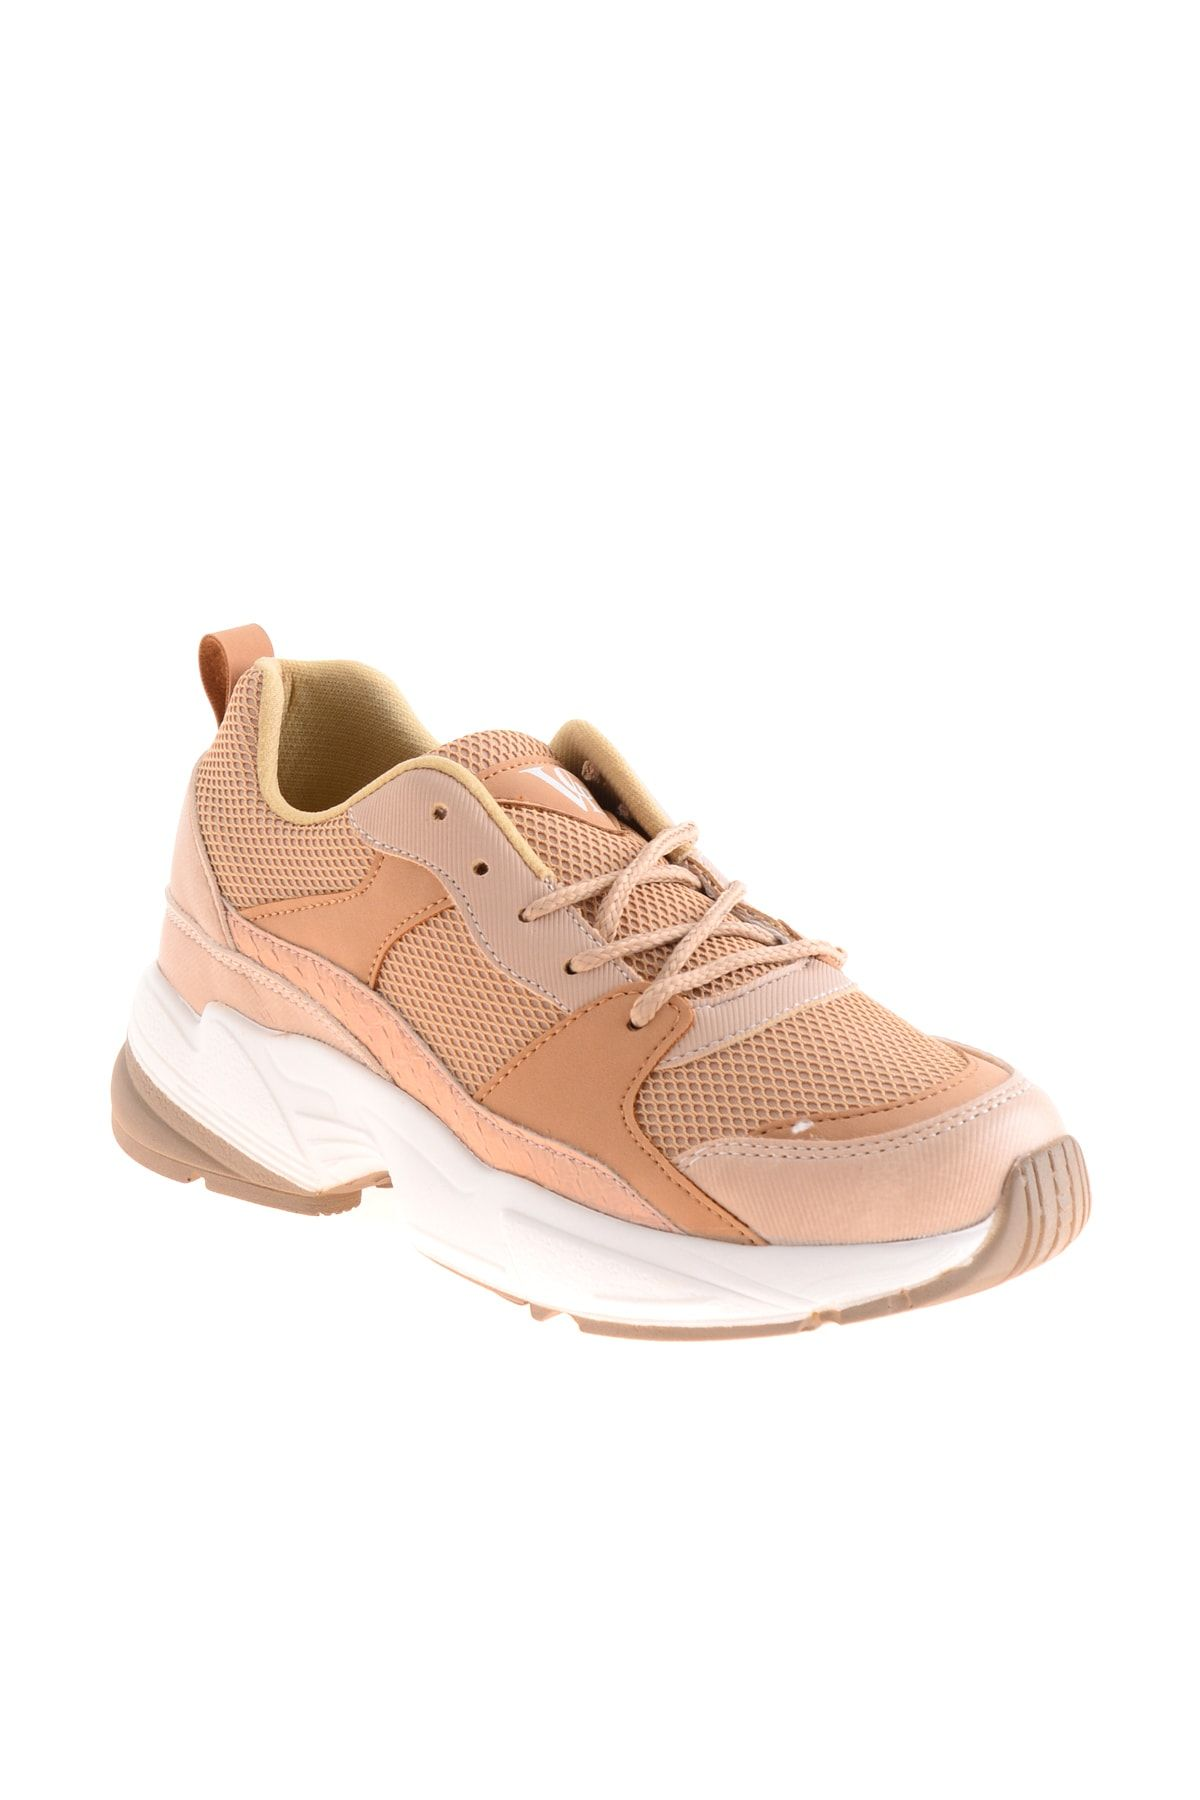 Bambi Bej Kadin Sneaker K06136550 2020 Sneaker Bambi Bej